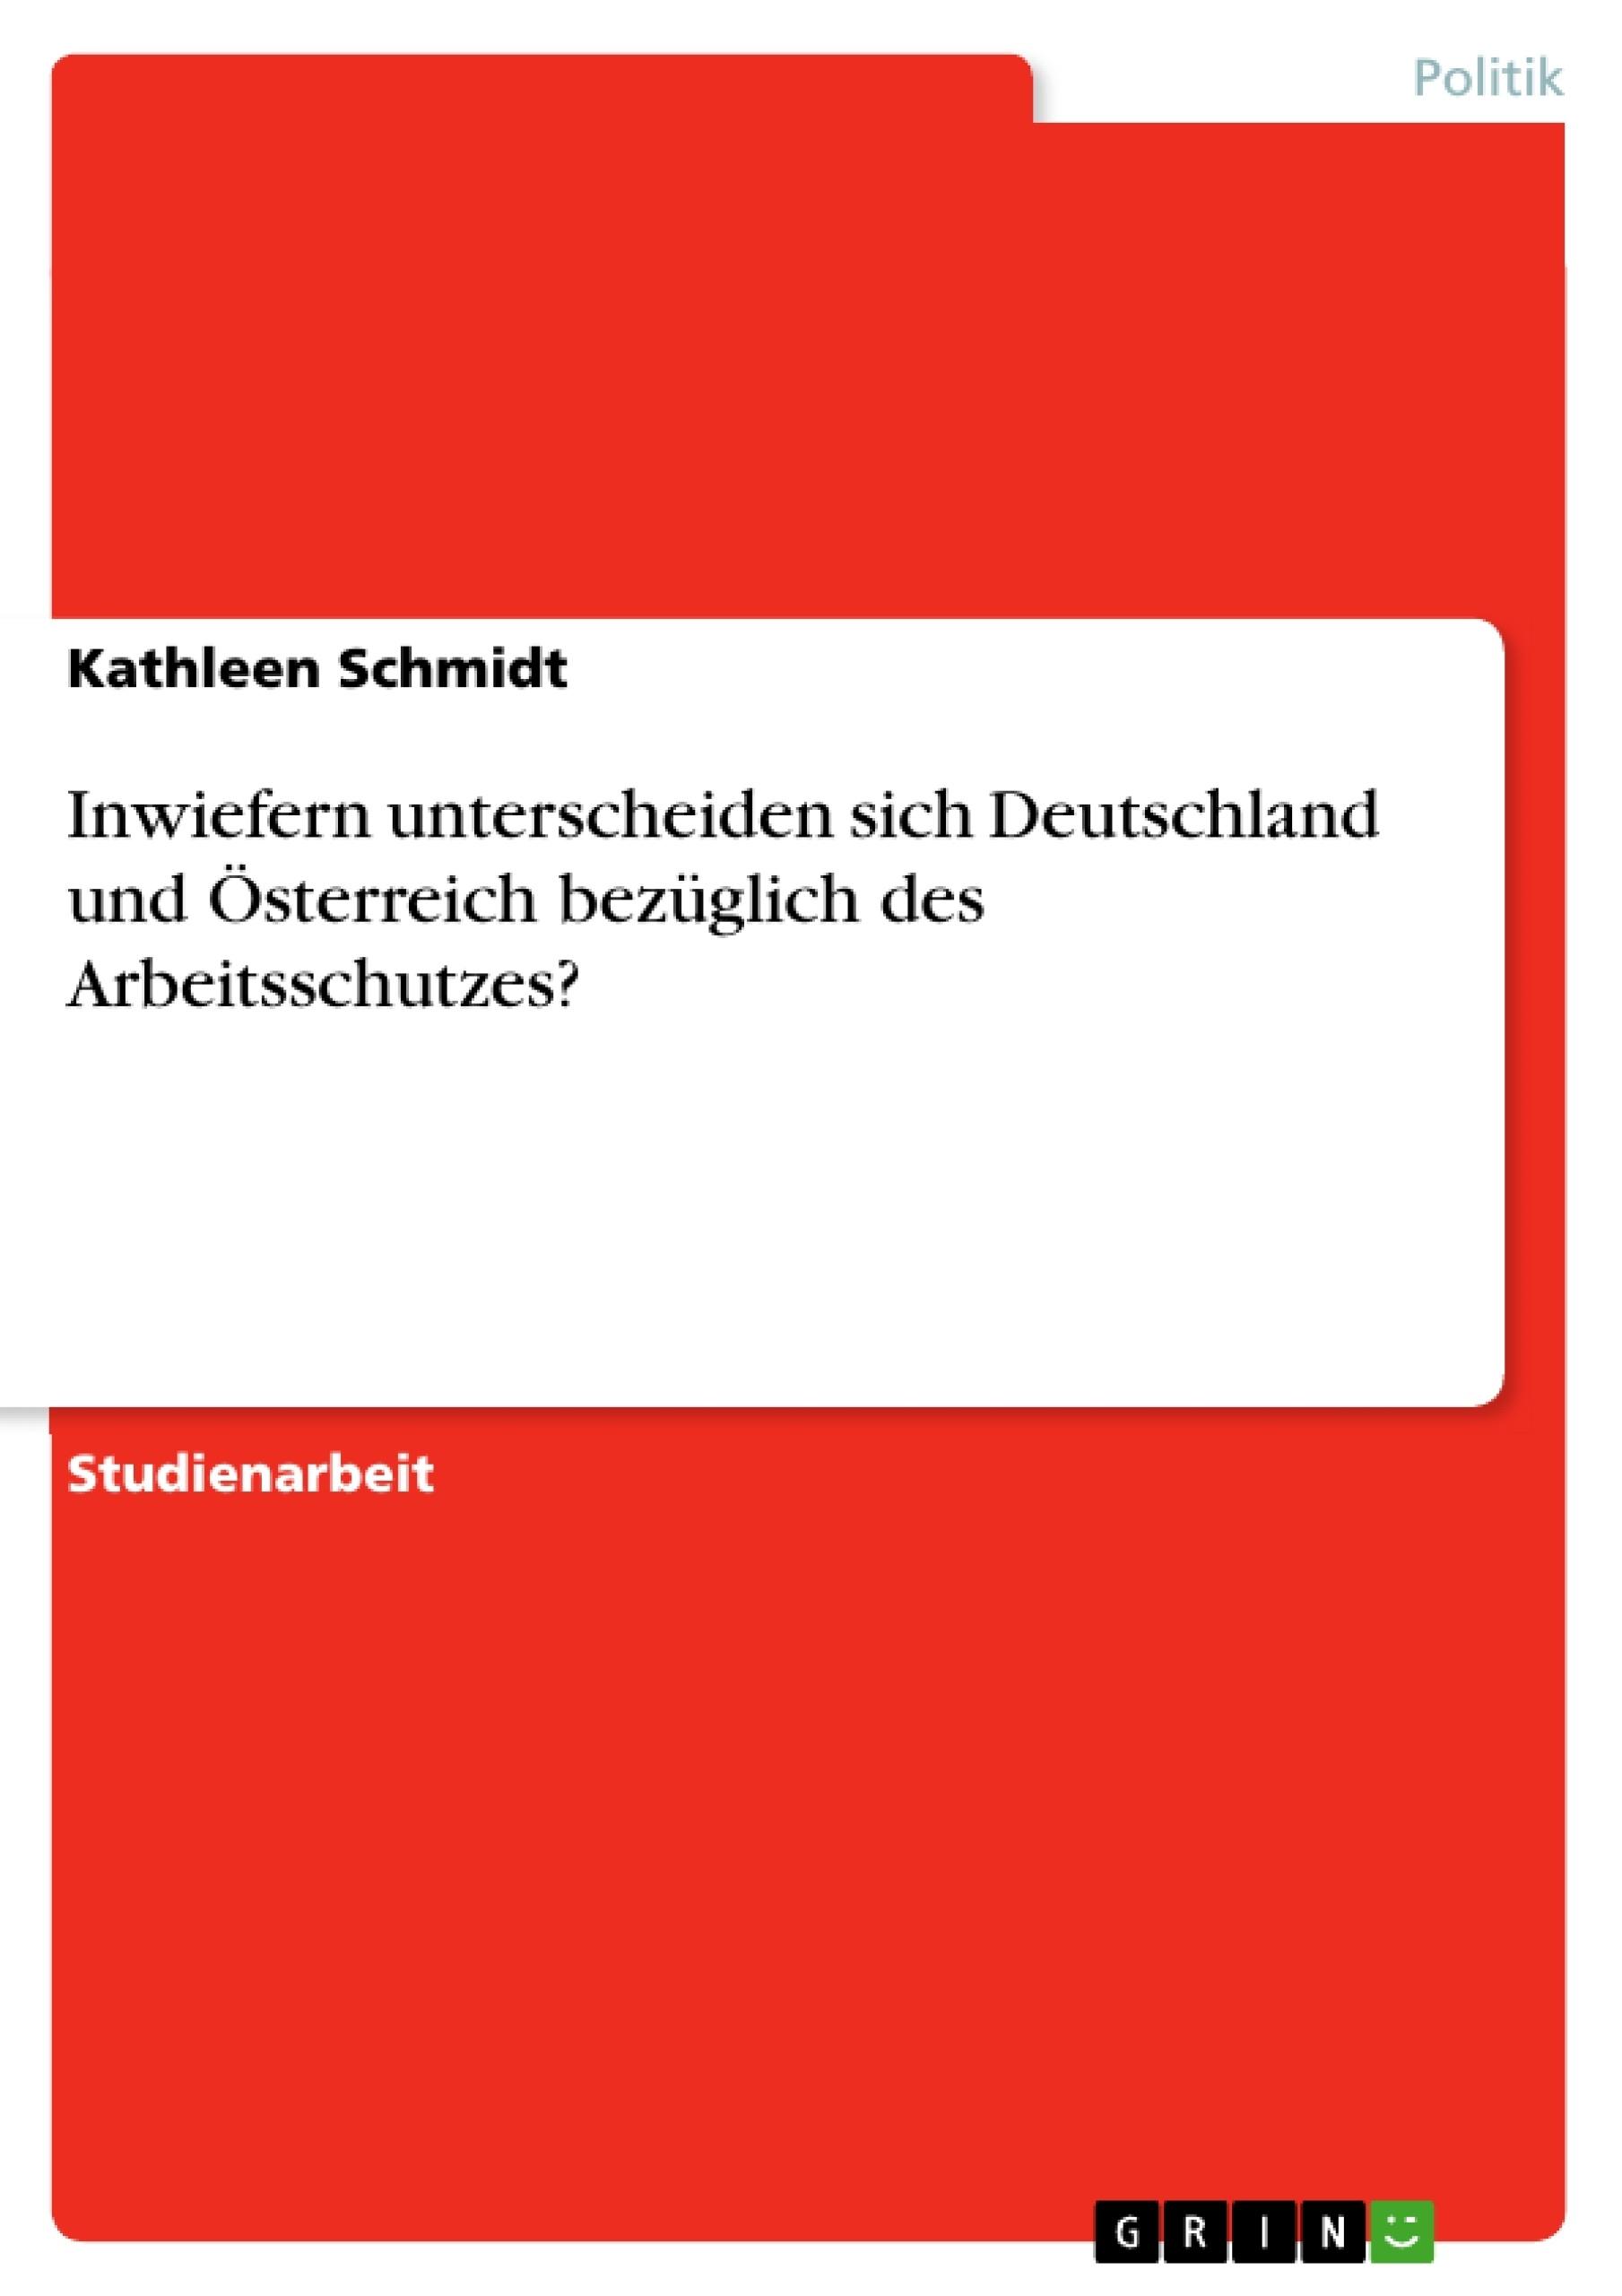 Titel: Inwiefern unterscheiden sich Deutschland und Österreich bezüglich des Arbeitsschutzes?